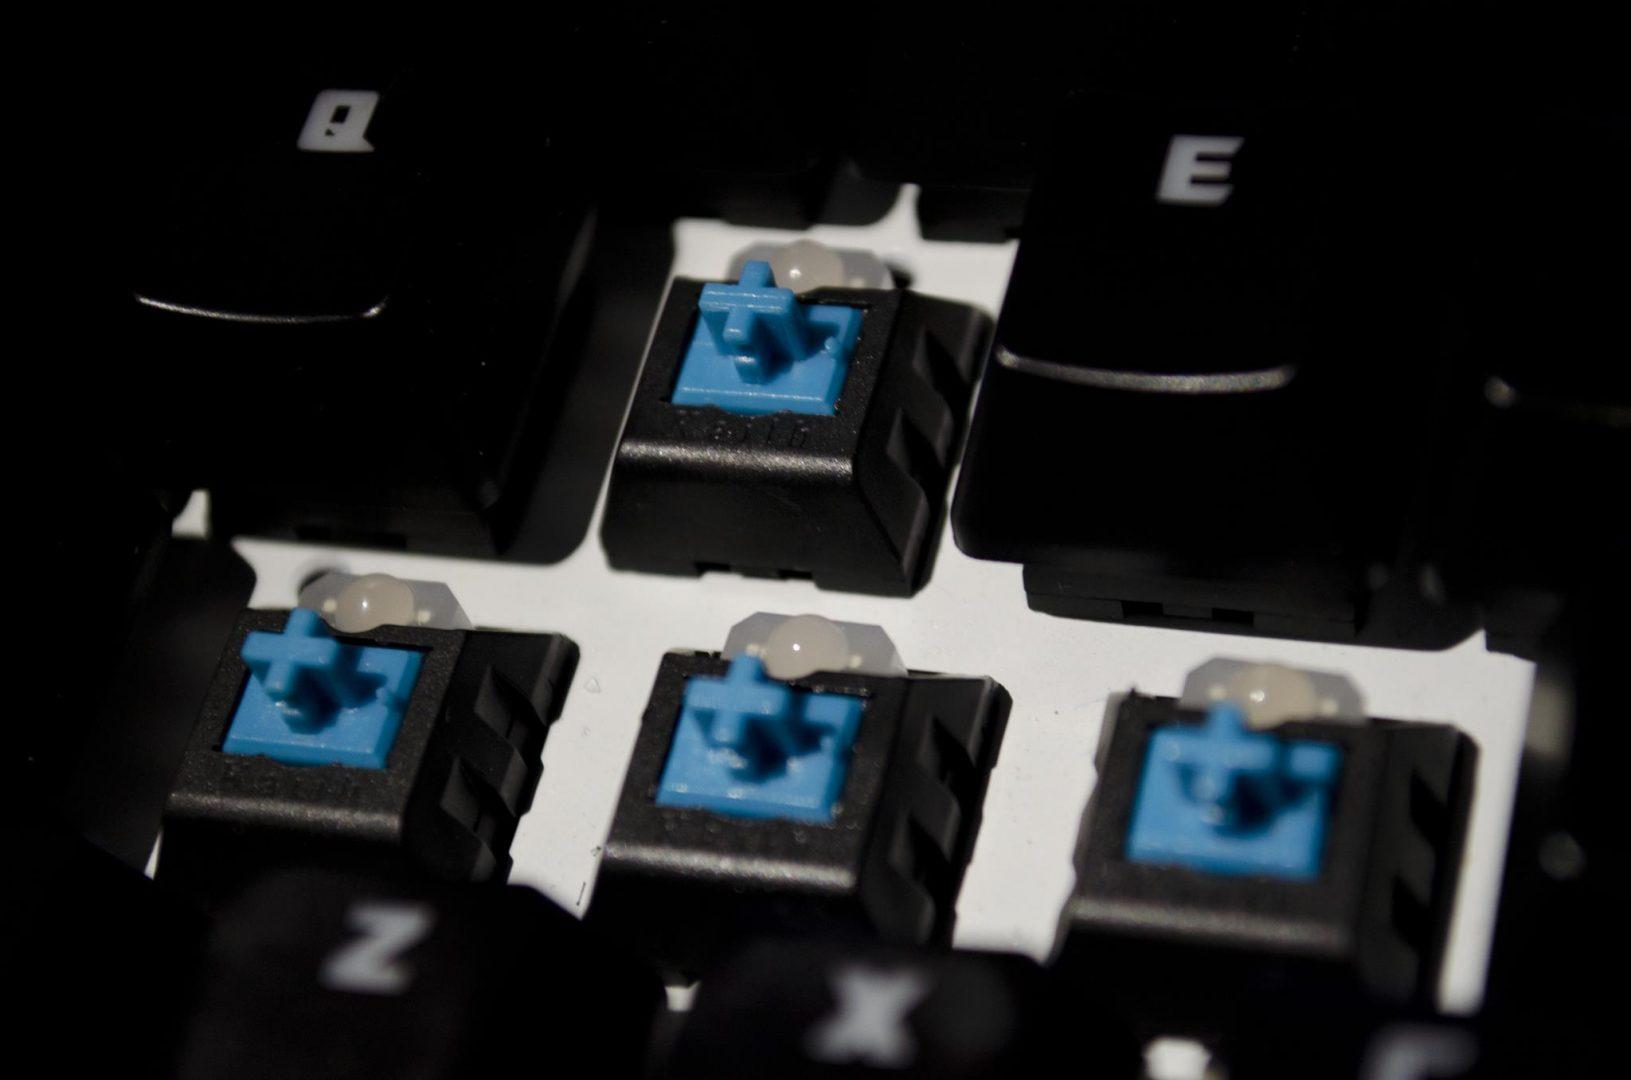 tesoro ecalibur spectrum mechanical gaming keyboard review_16